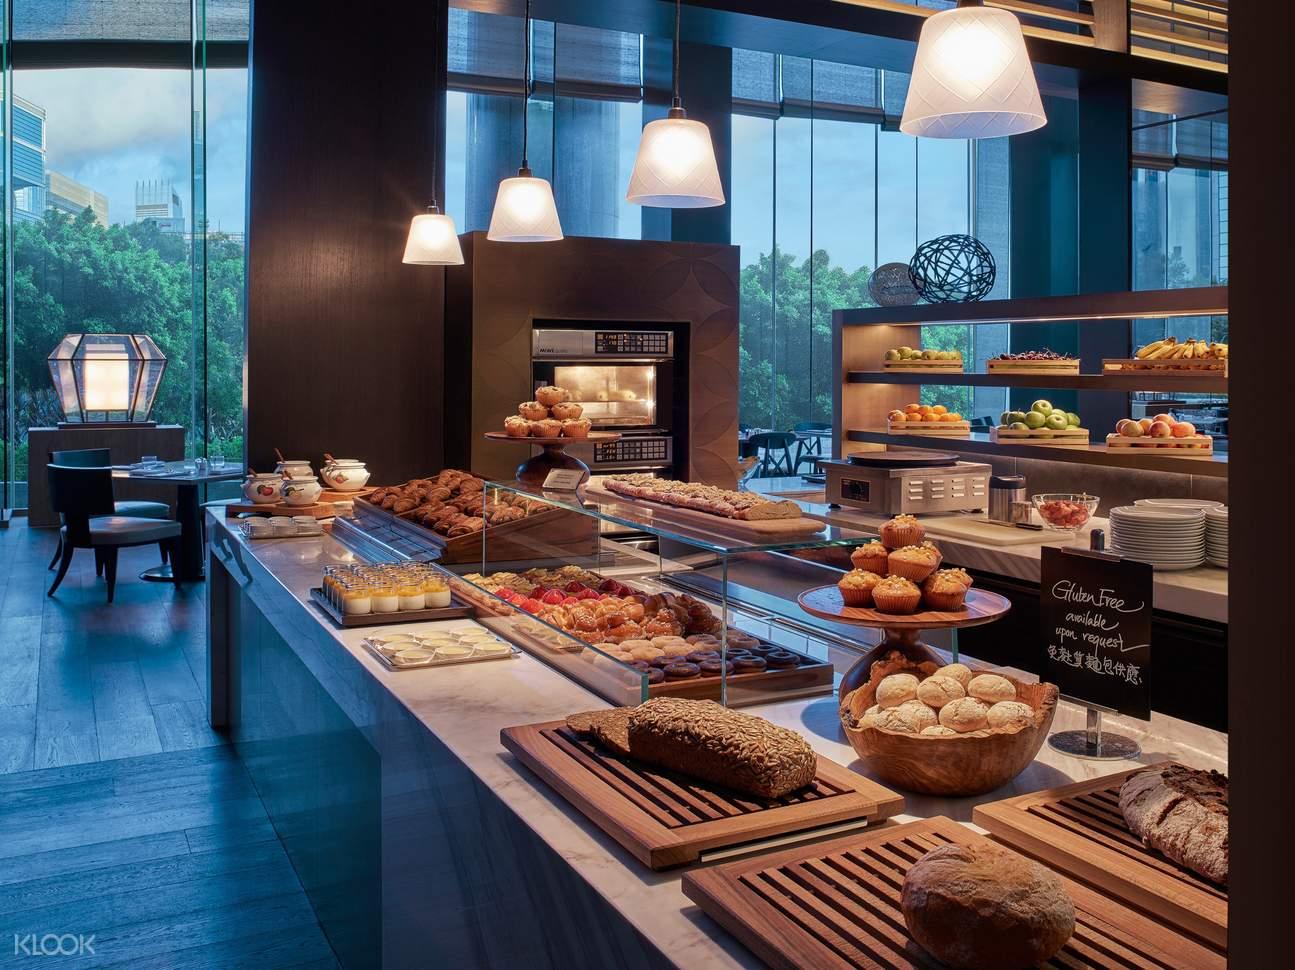 咖啡廳自助早餐 - 糕點